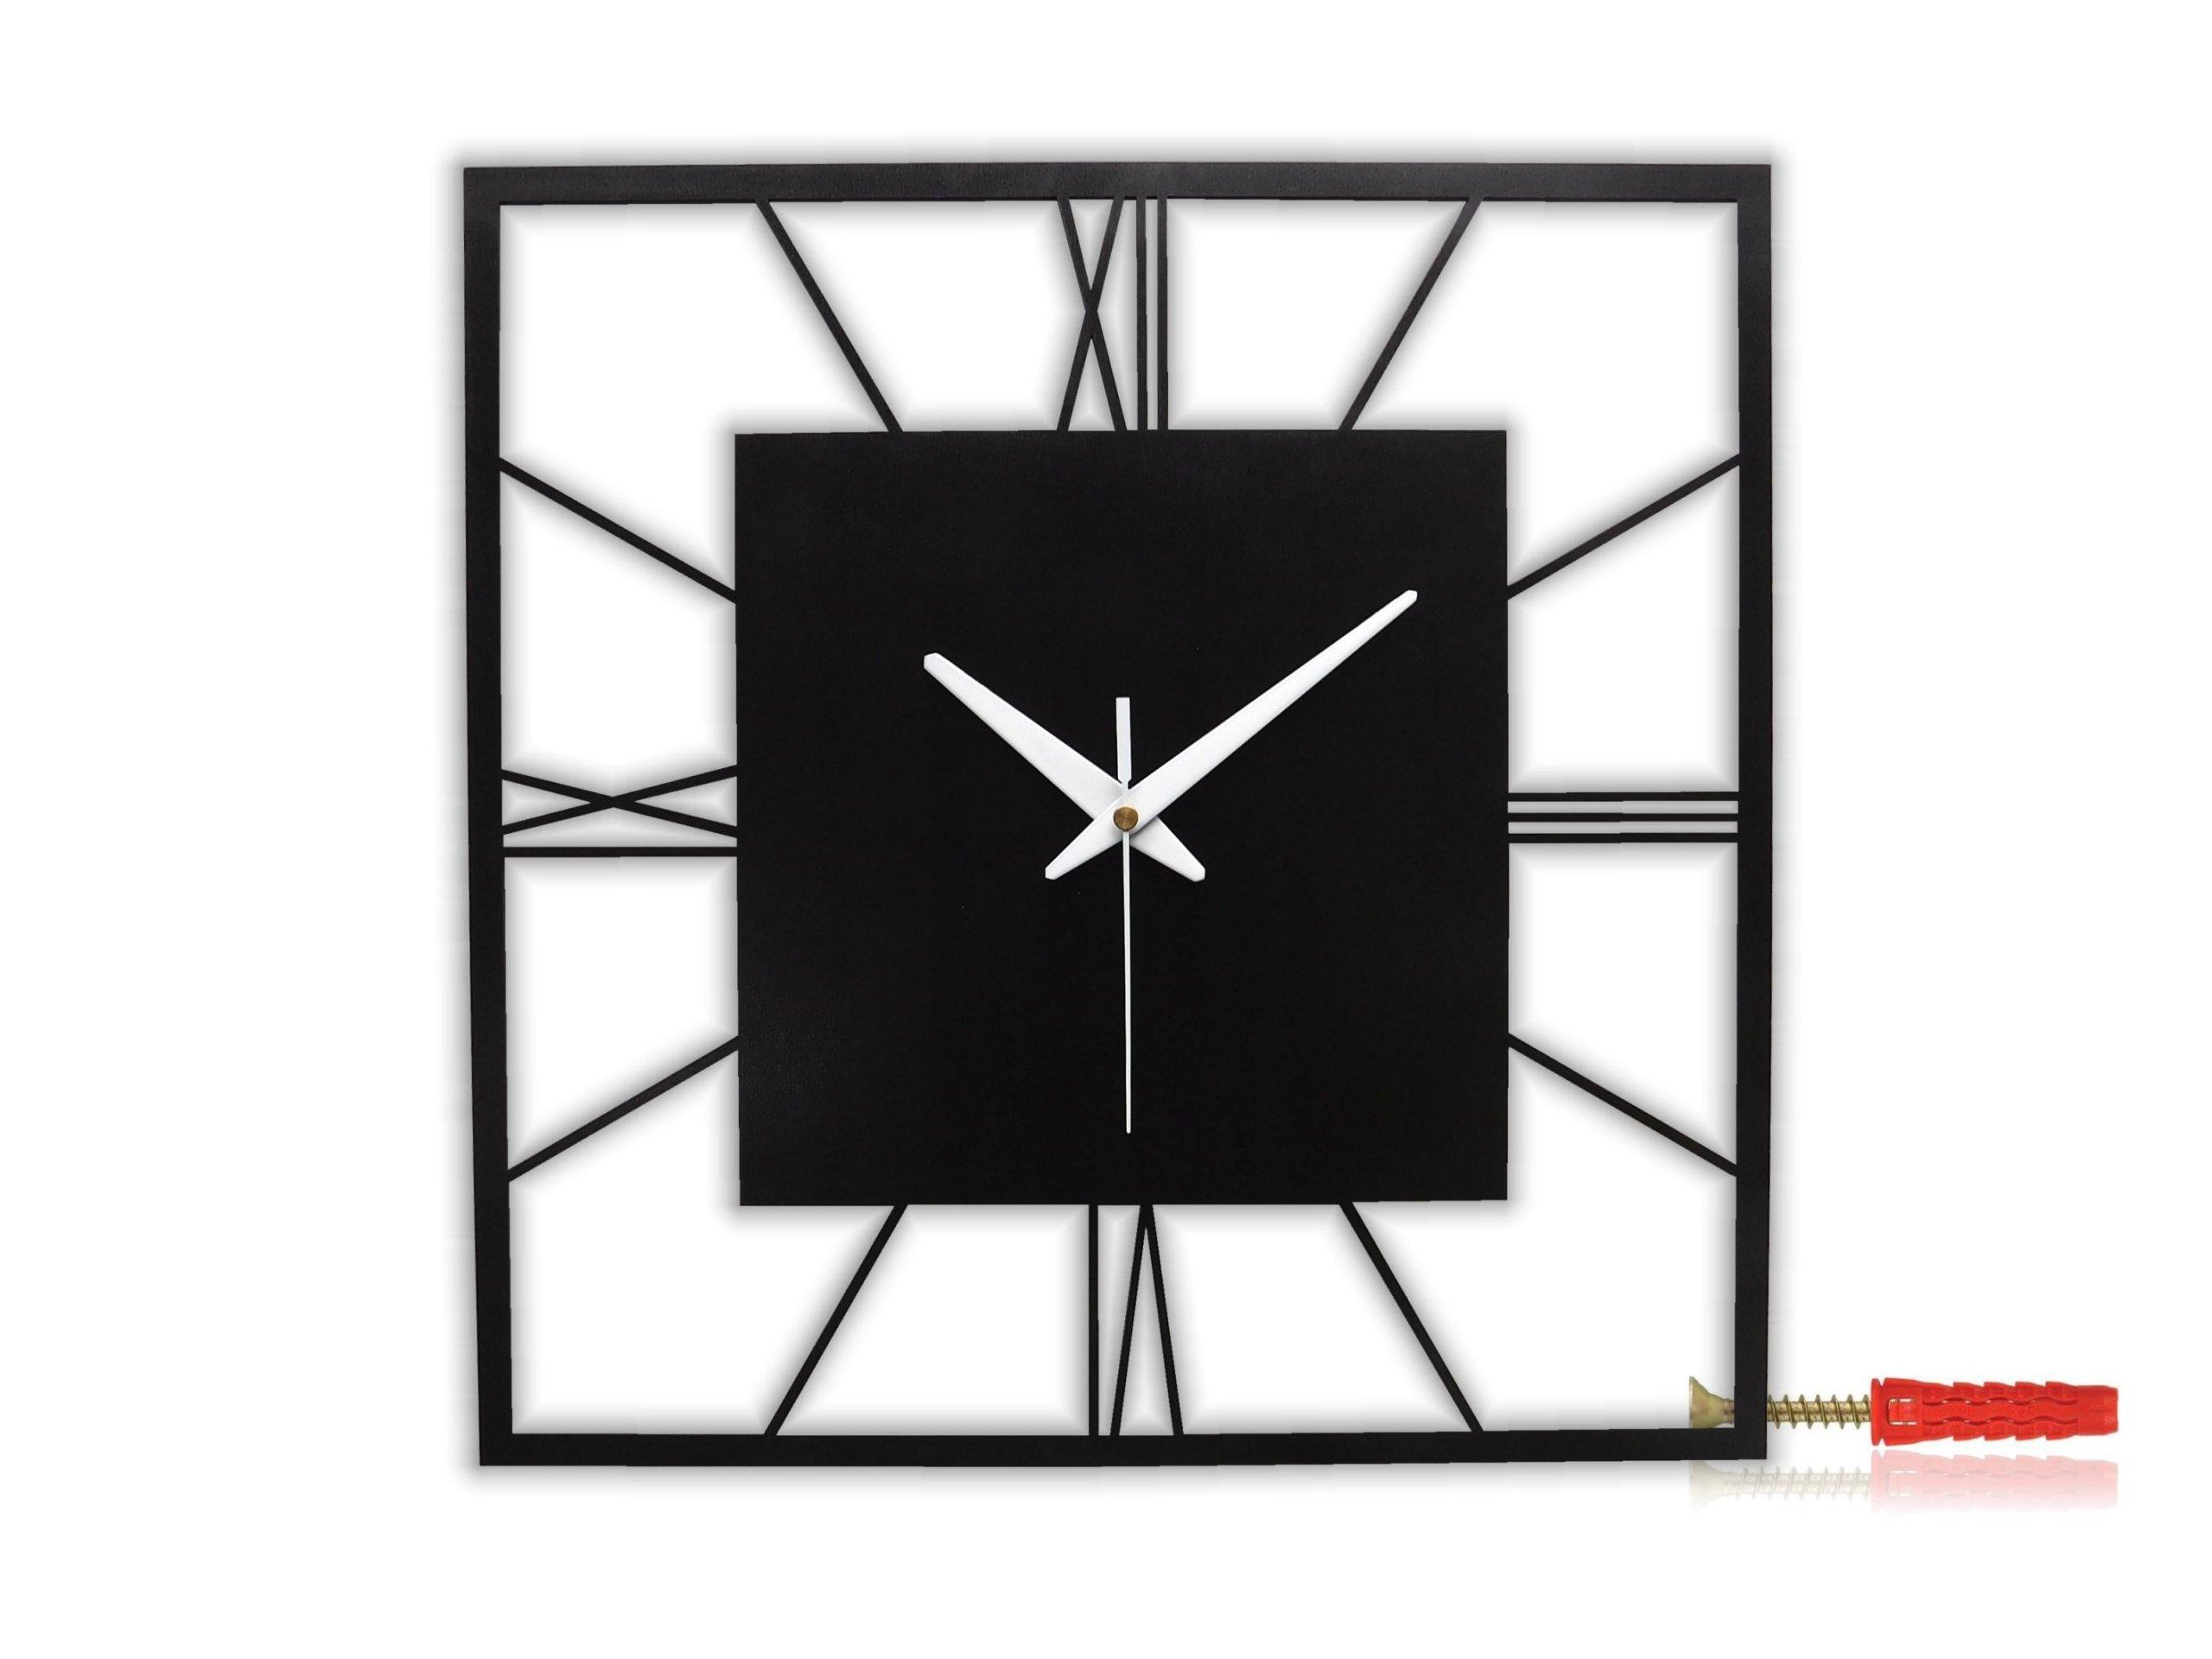 Nástěnné hodiny černé kovové čtverec 37,5cm